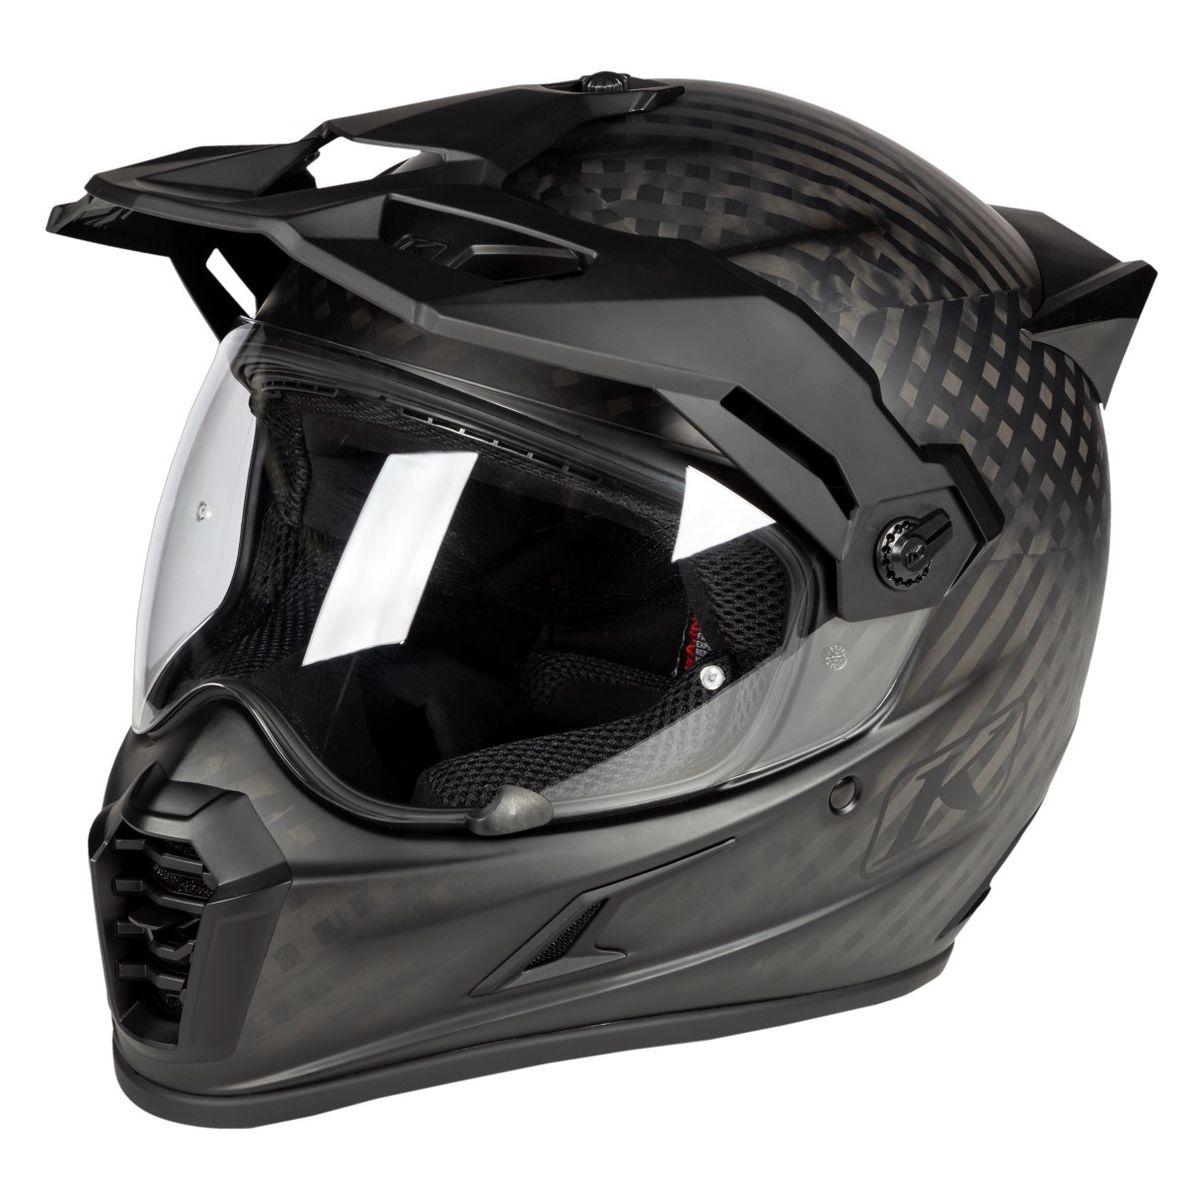 Klim Krios Pro full face adventure helmet